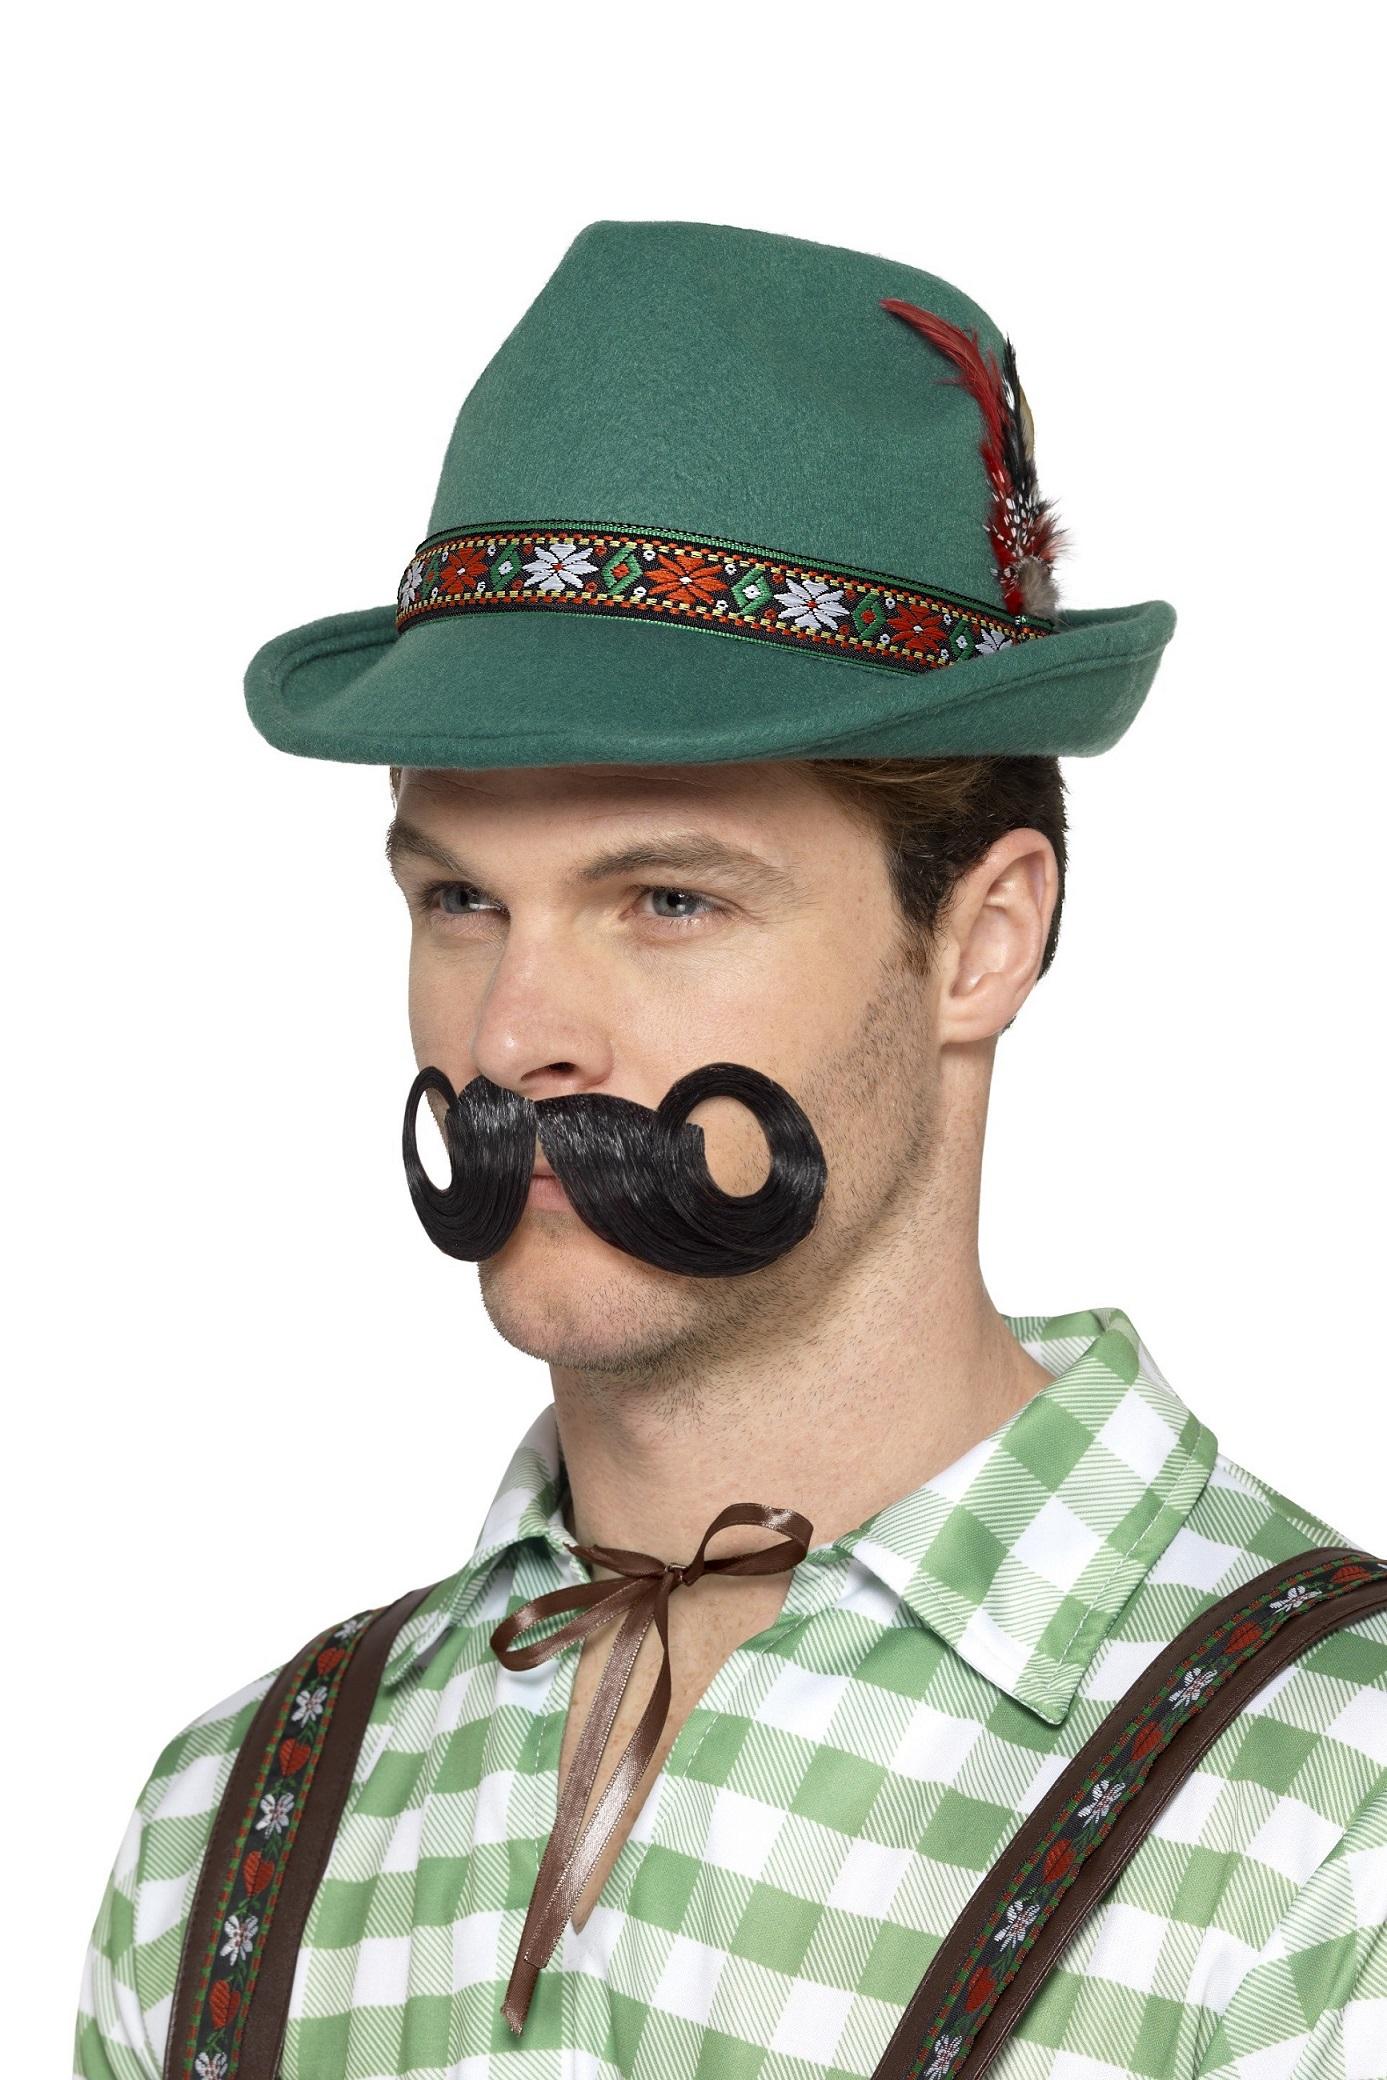 Trenker Hatt Alperna Deluxe Oktoberfest